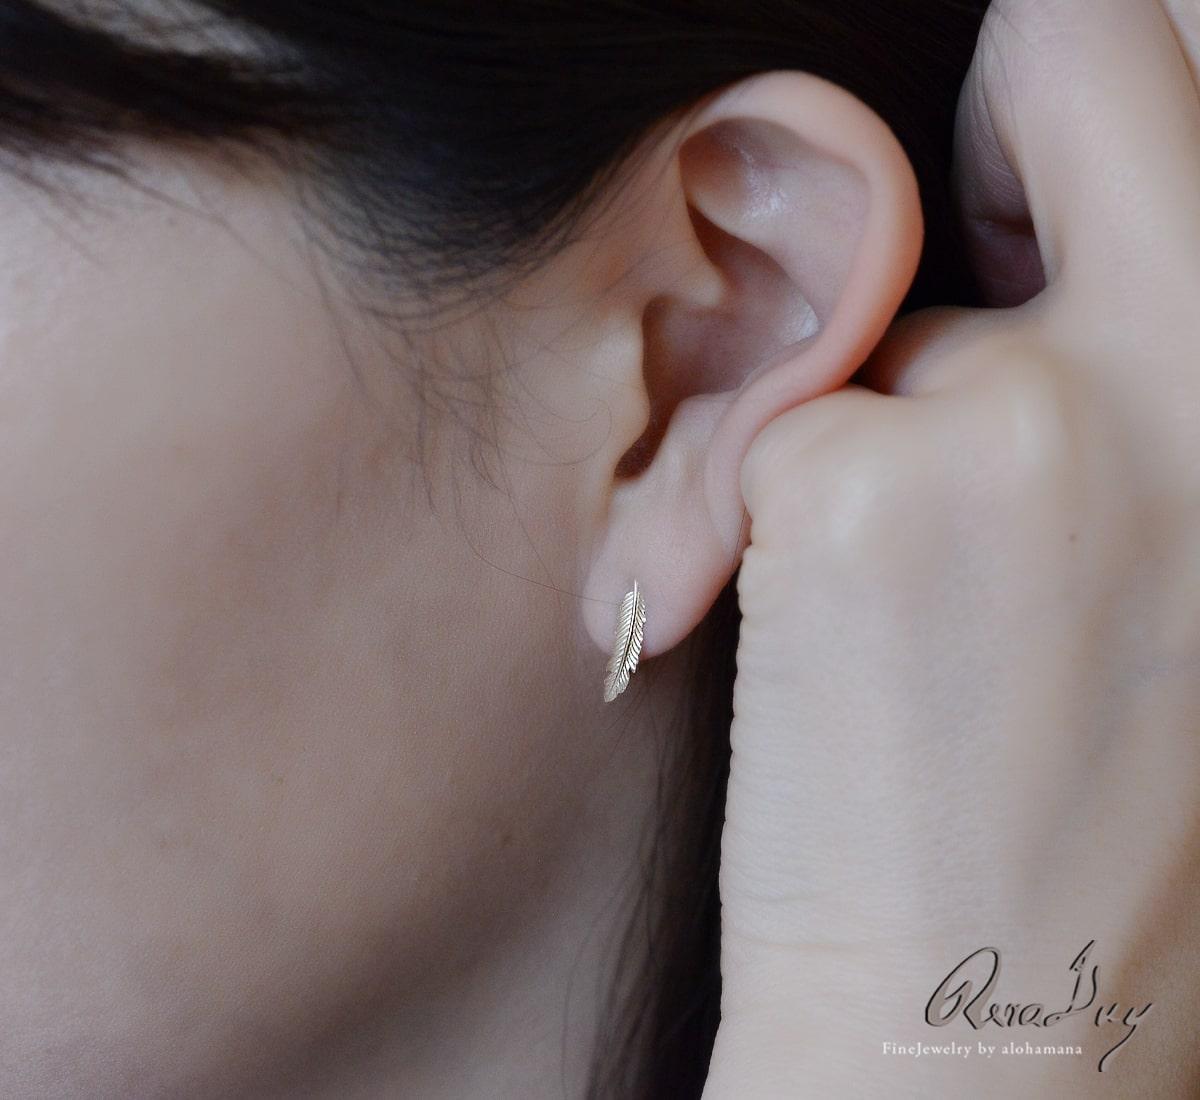 K10 ゴールド ピアス レディース 女性 アクセサリー (RERALUy) フェザー ピアス 両耳用 イエローゴールド スタッドピアス 新作/rpe1681k10